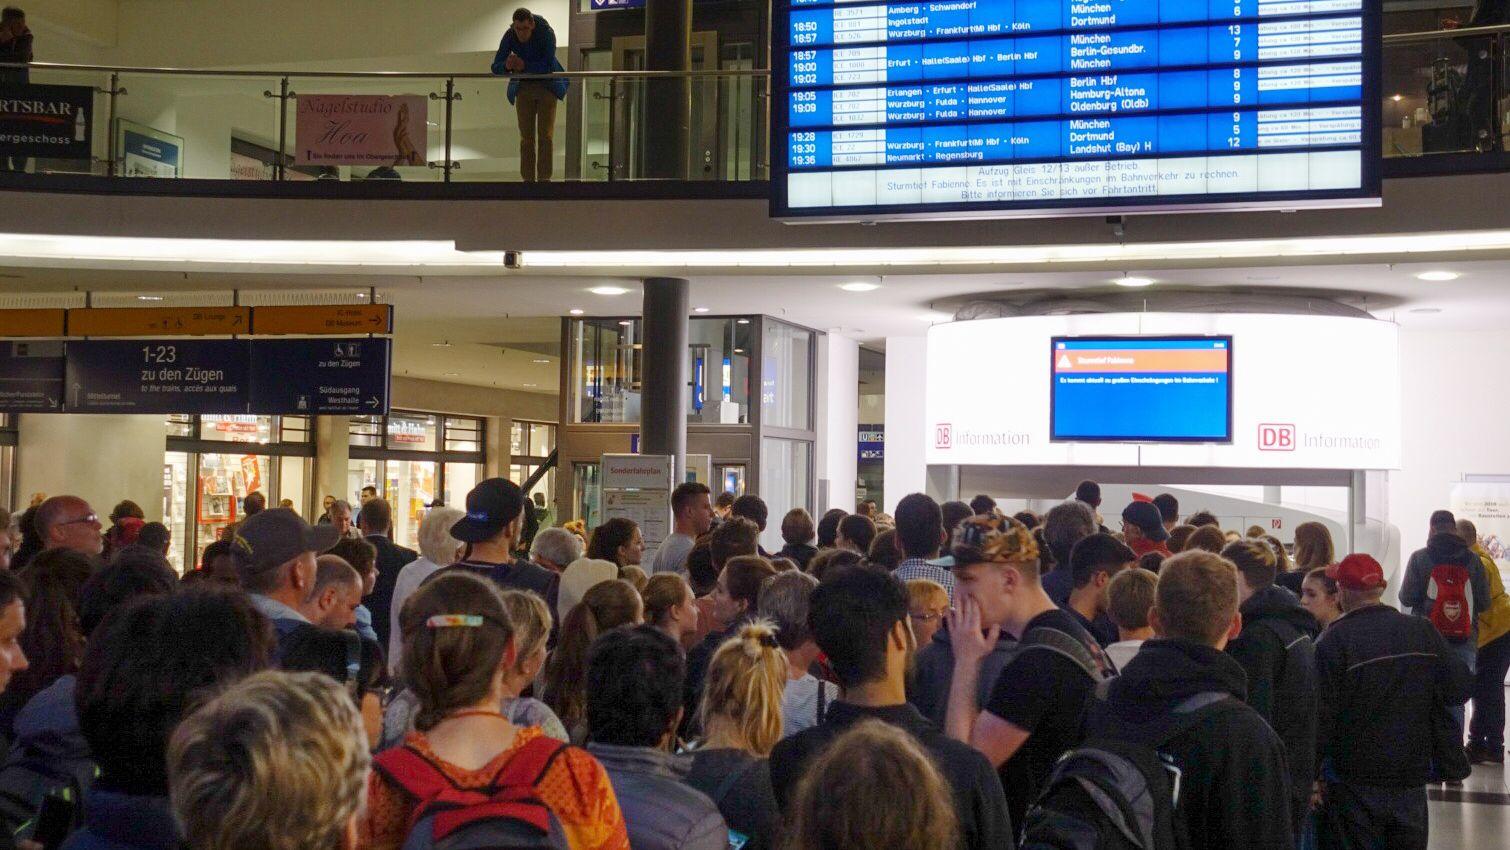 Reisende schauen auf einen Monitor im Hauptbahnhof von Nürnberg